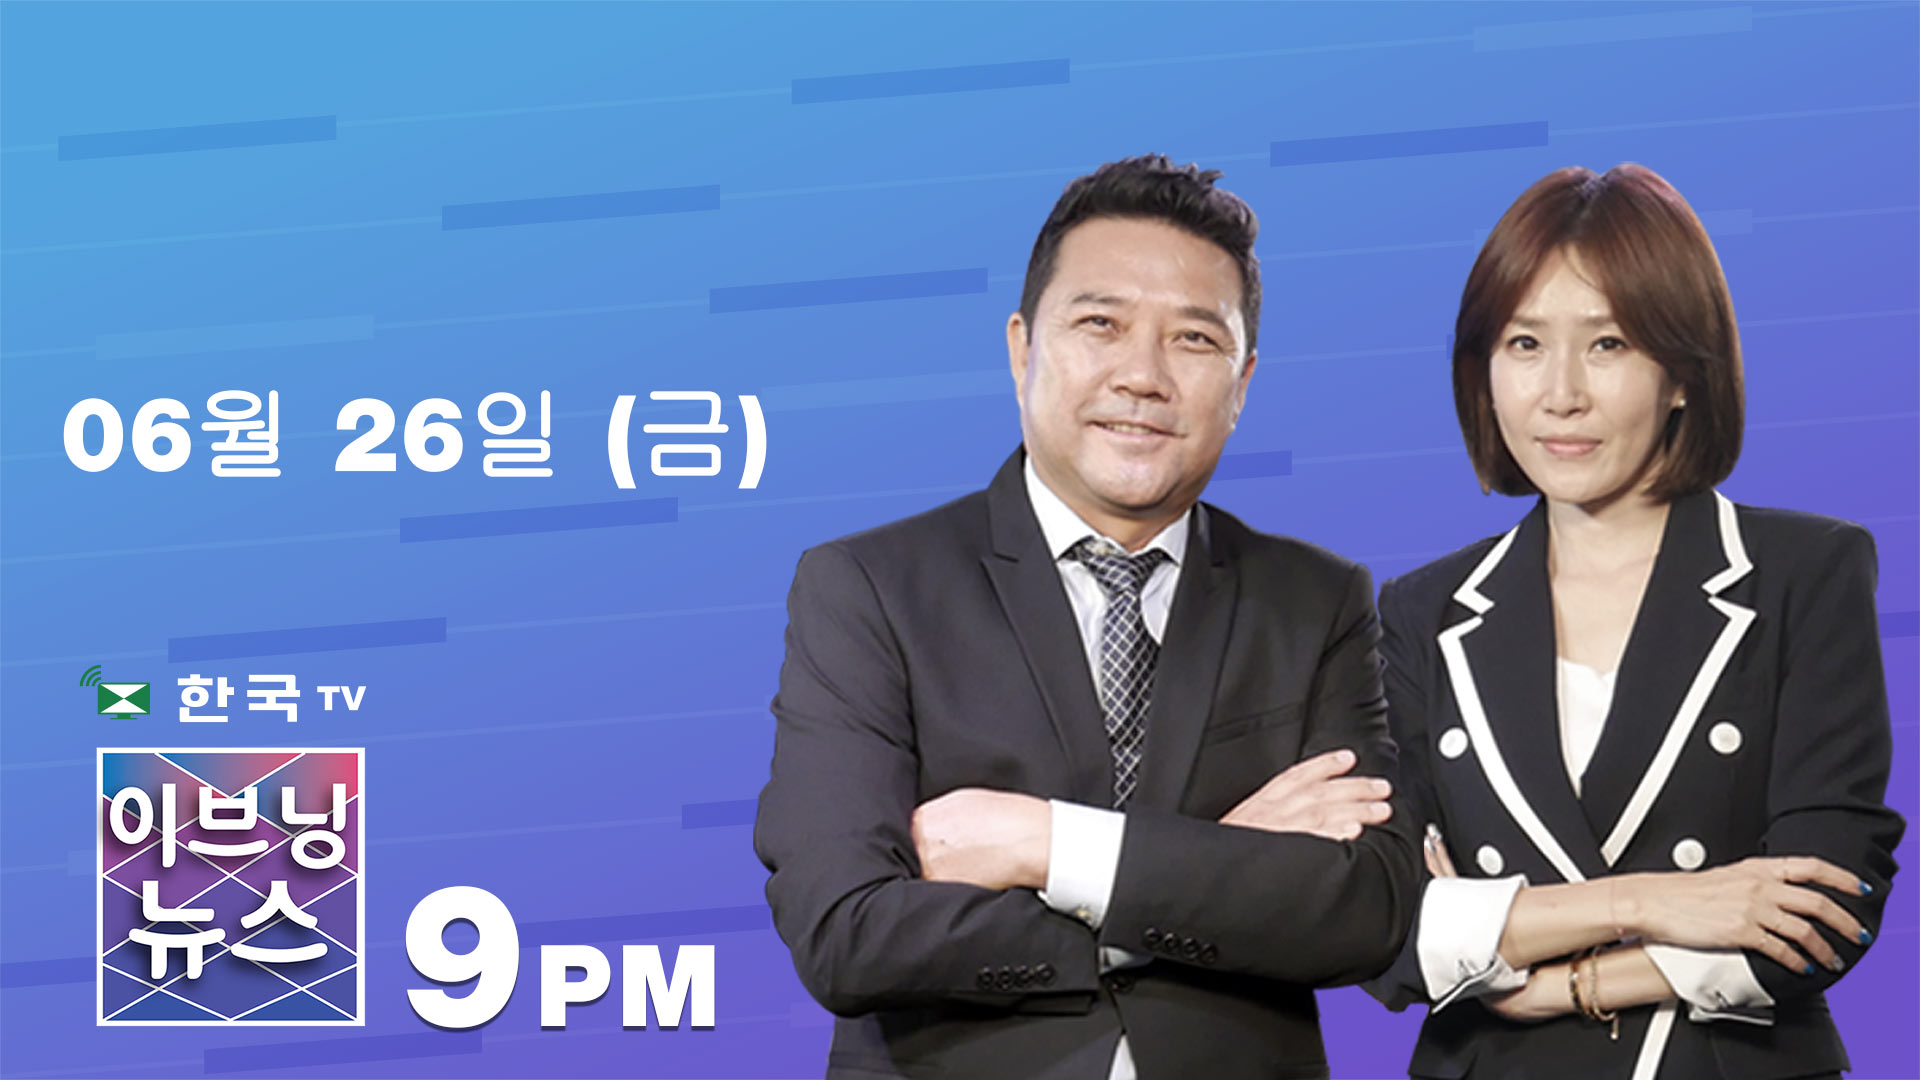 (06.26.2020) 한국TV 이브닝 뉴스